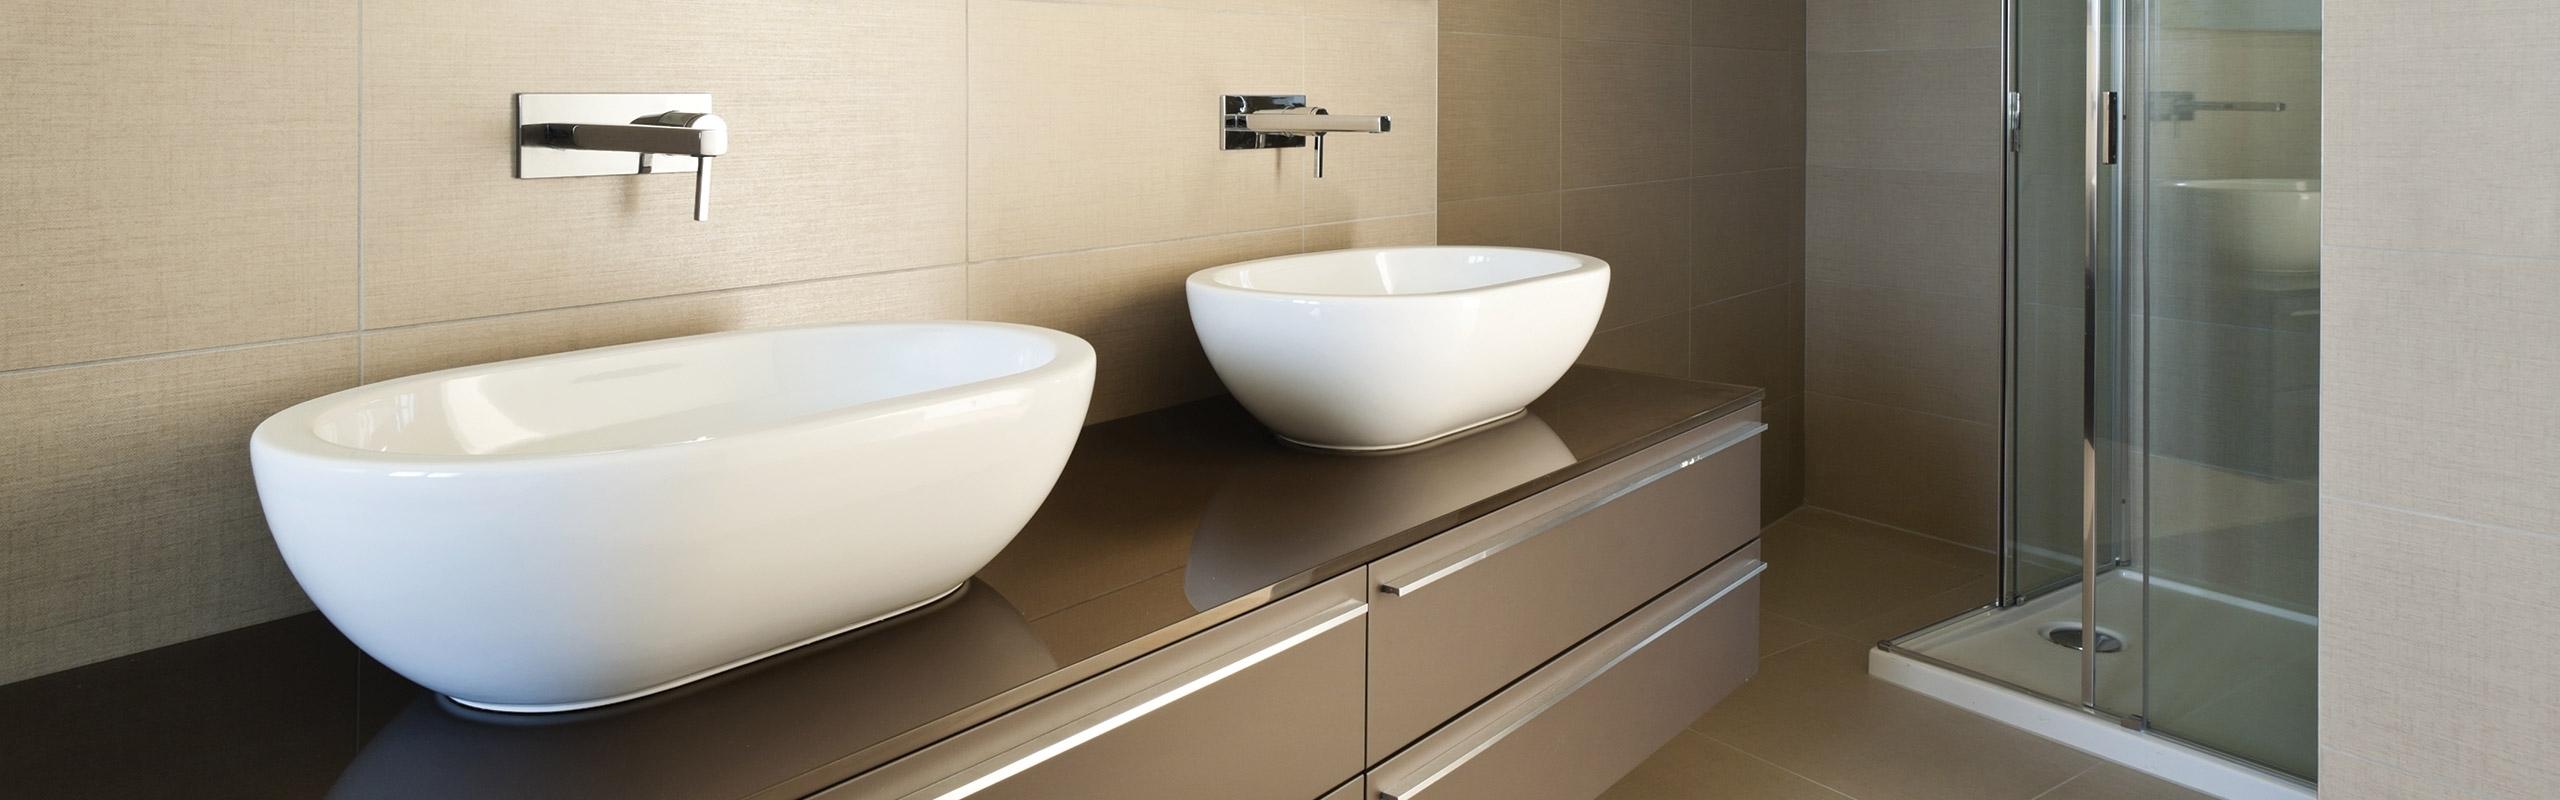 Badkamermeubels en spiegelkasten plaatsen rondom den haag - Italiaanse design badkamer ...